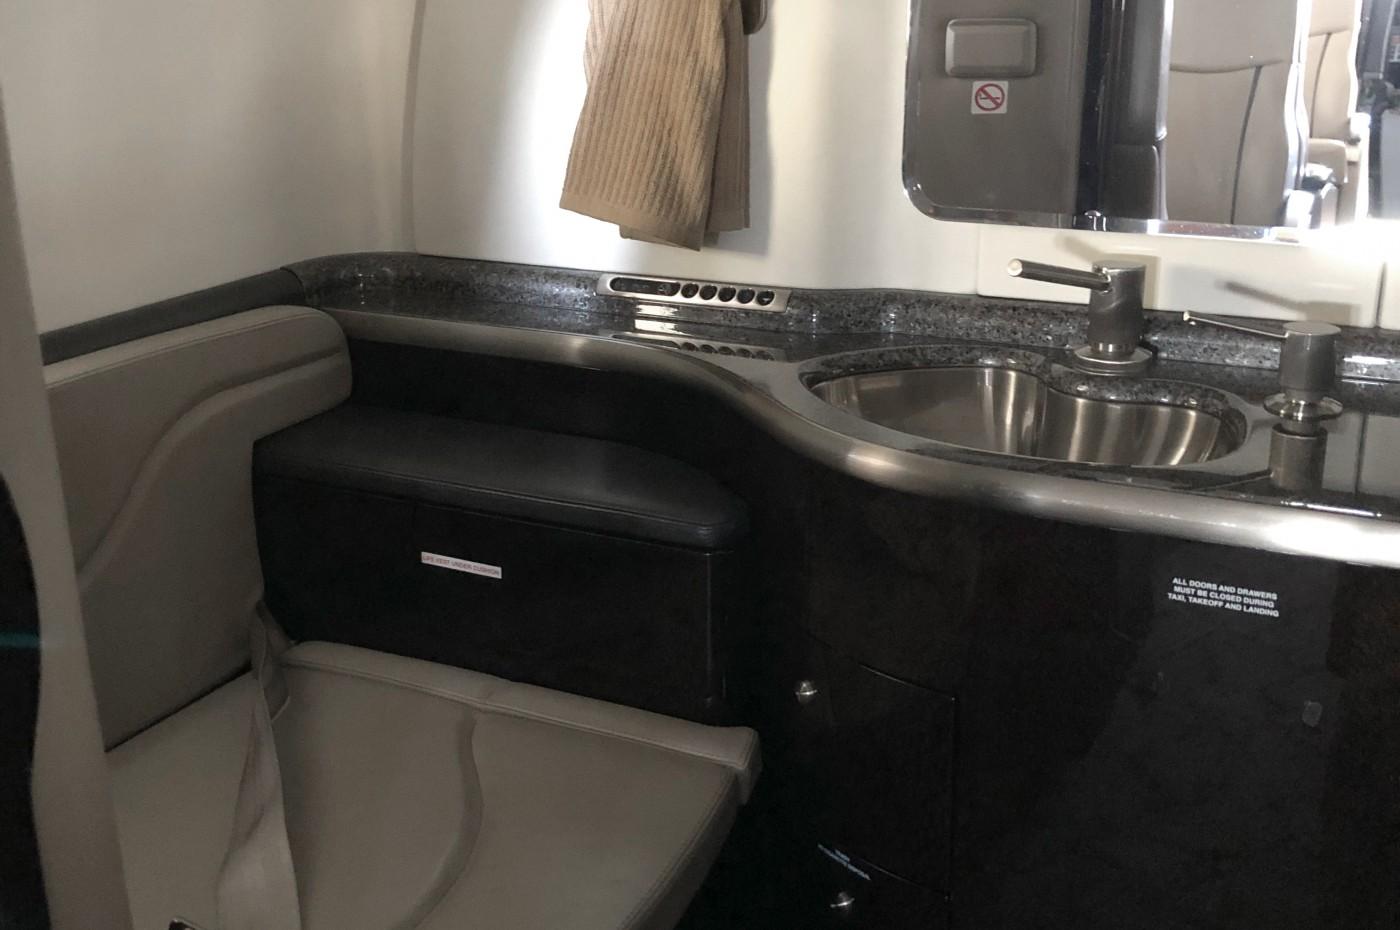 Learjet 45XR Lavatory